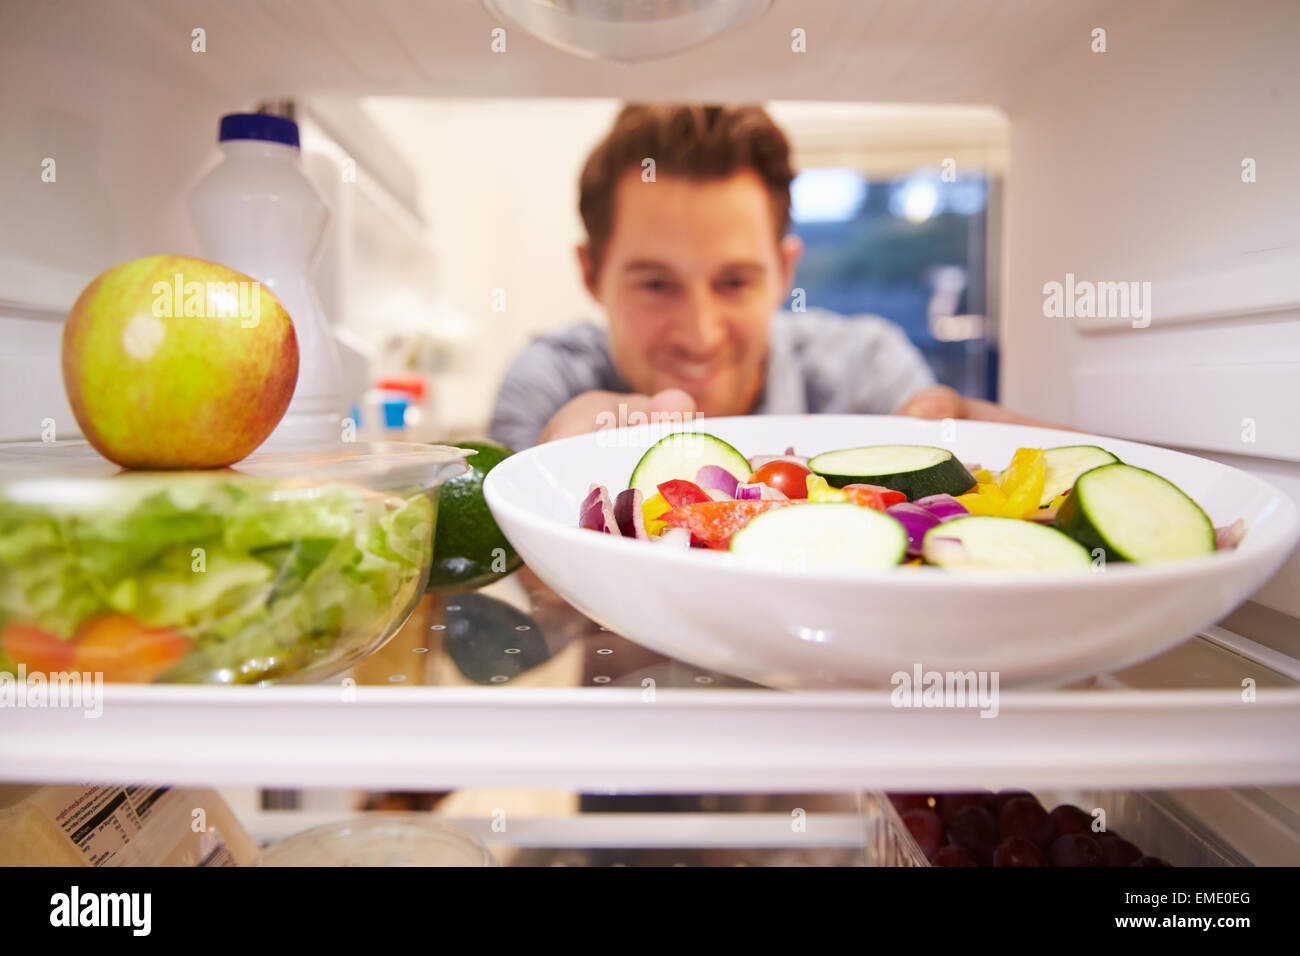 Uomo che guarda all'interno del frigo pieno di cibo e la scelta di insalate Immagini Stock